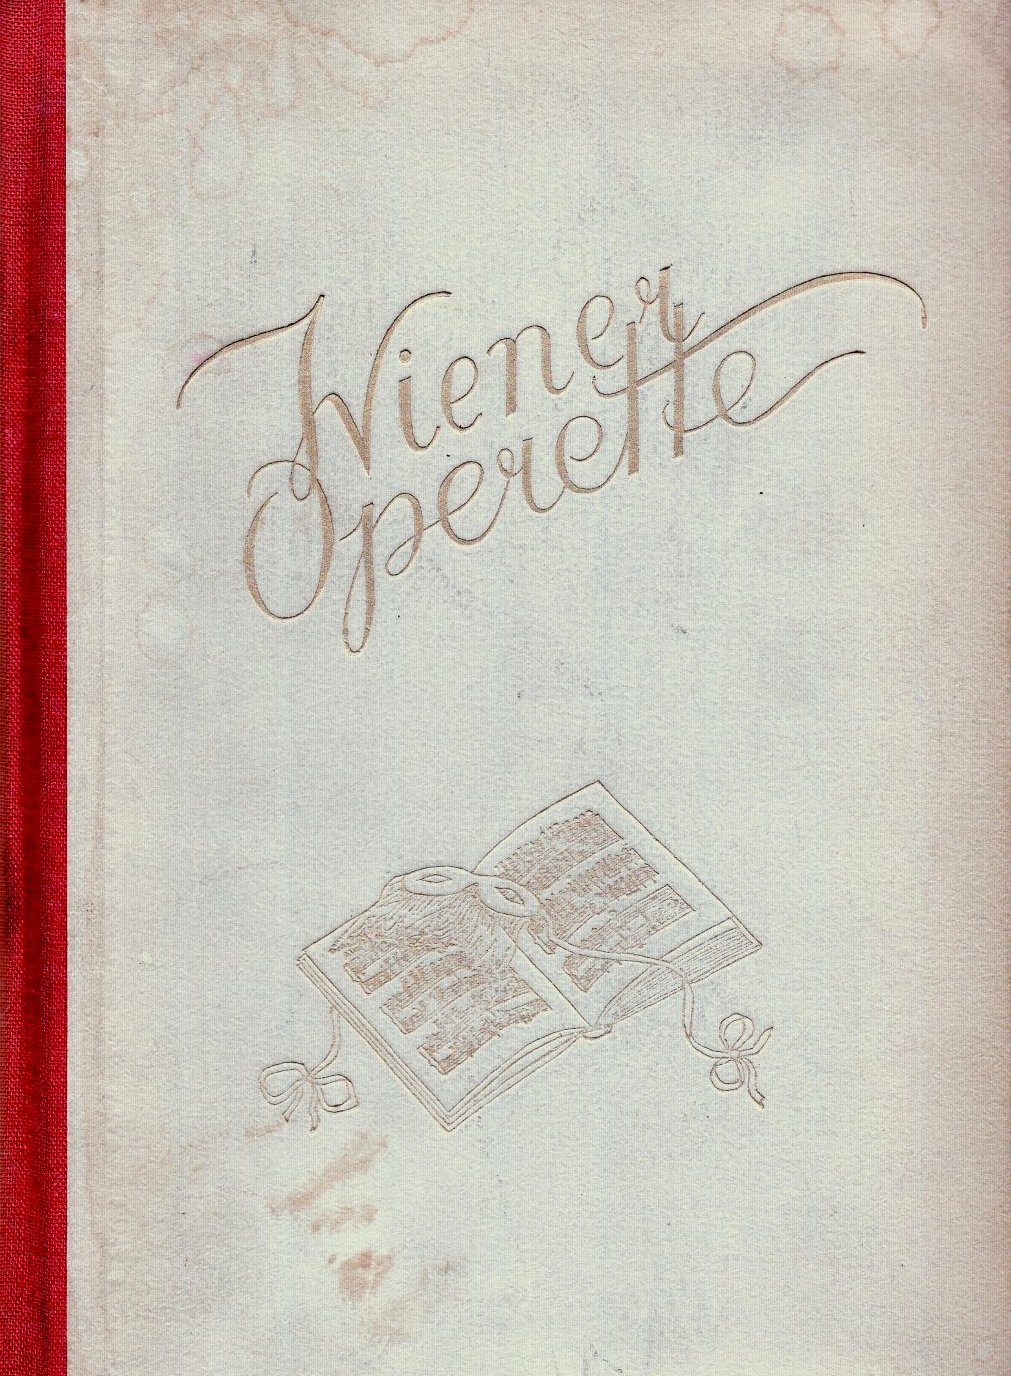 Silver Operetta